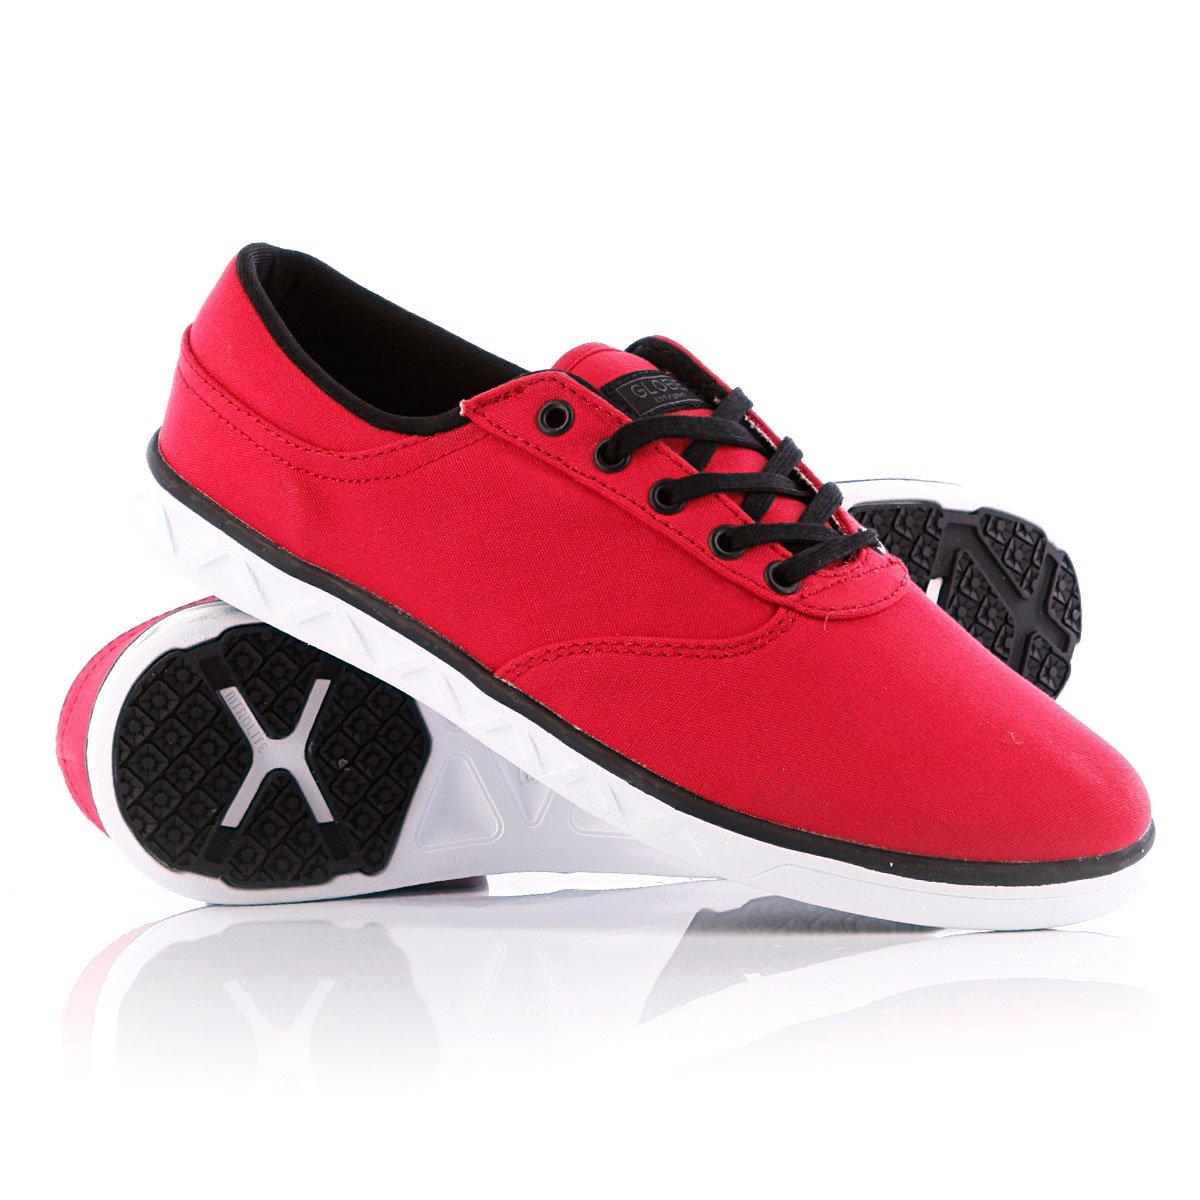 6ed9a021c Adidas ace 15 фото. Интернет-магазин качественной брендовой обуви.